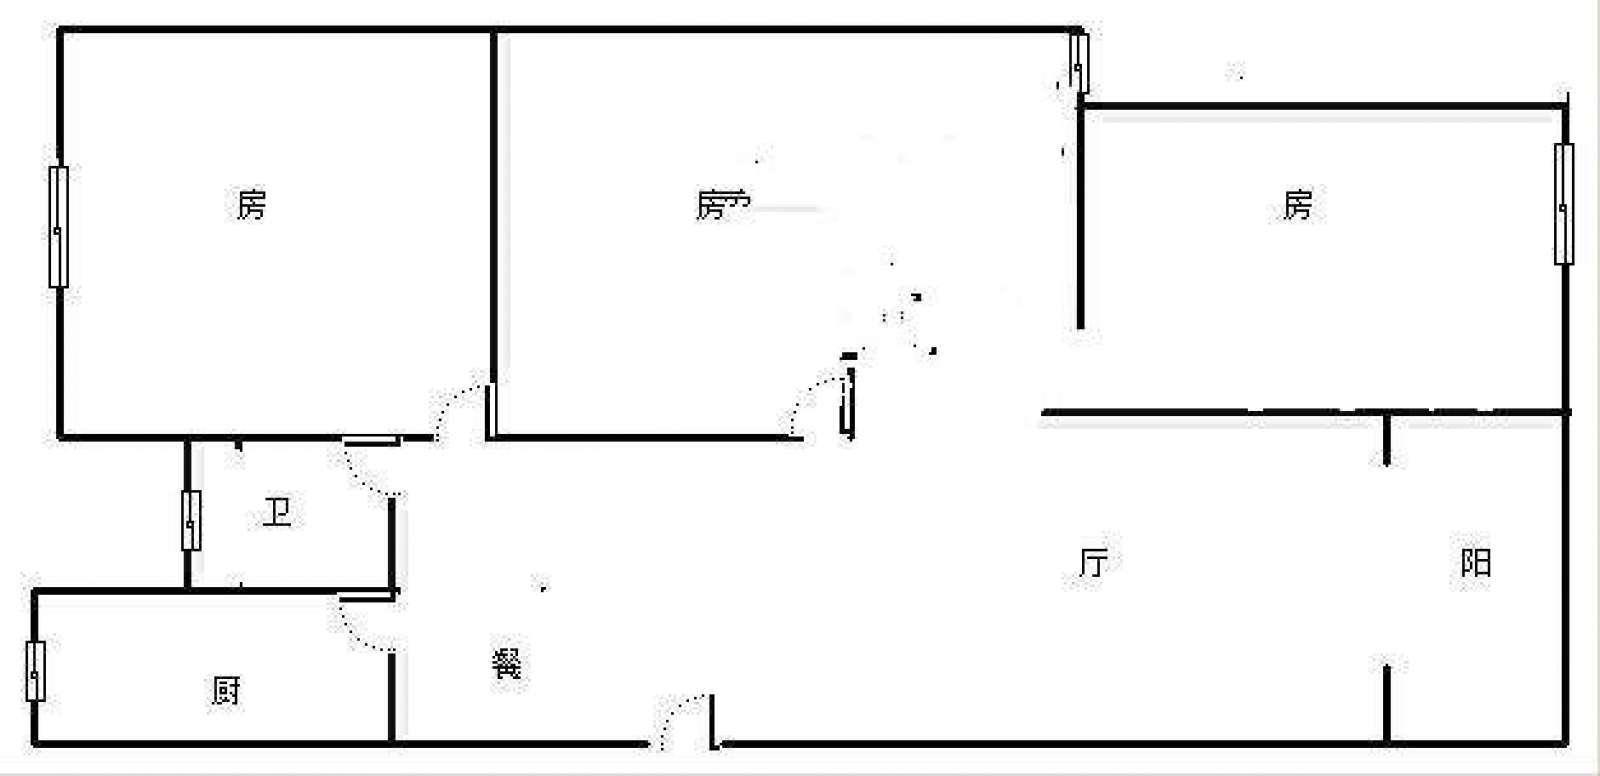 锦城嘉园 3室2厅93㎡